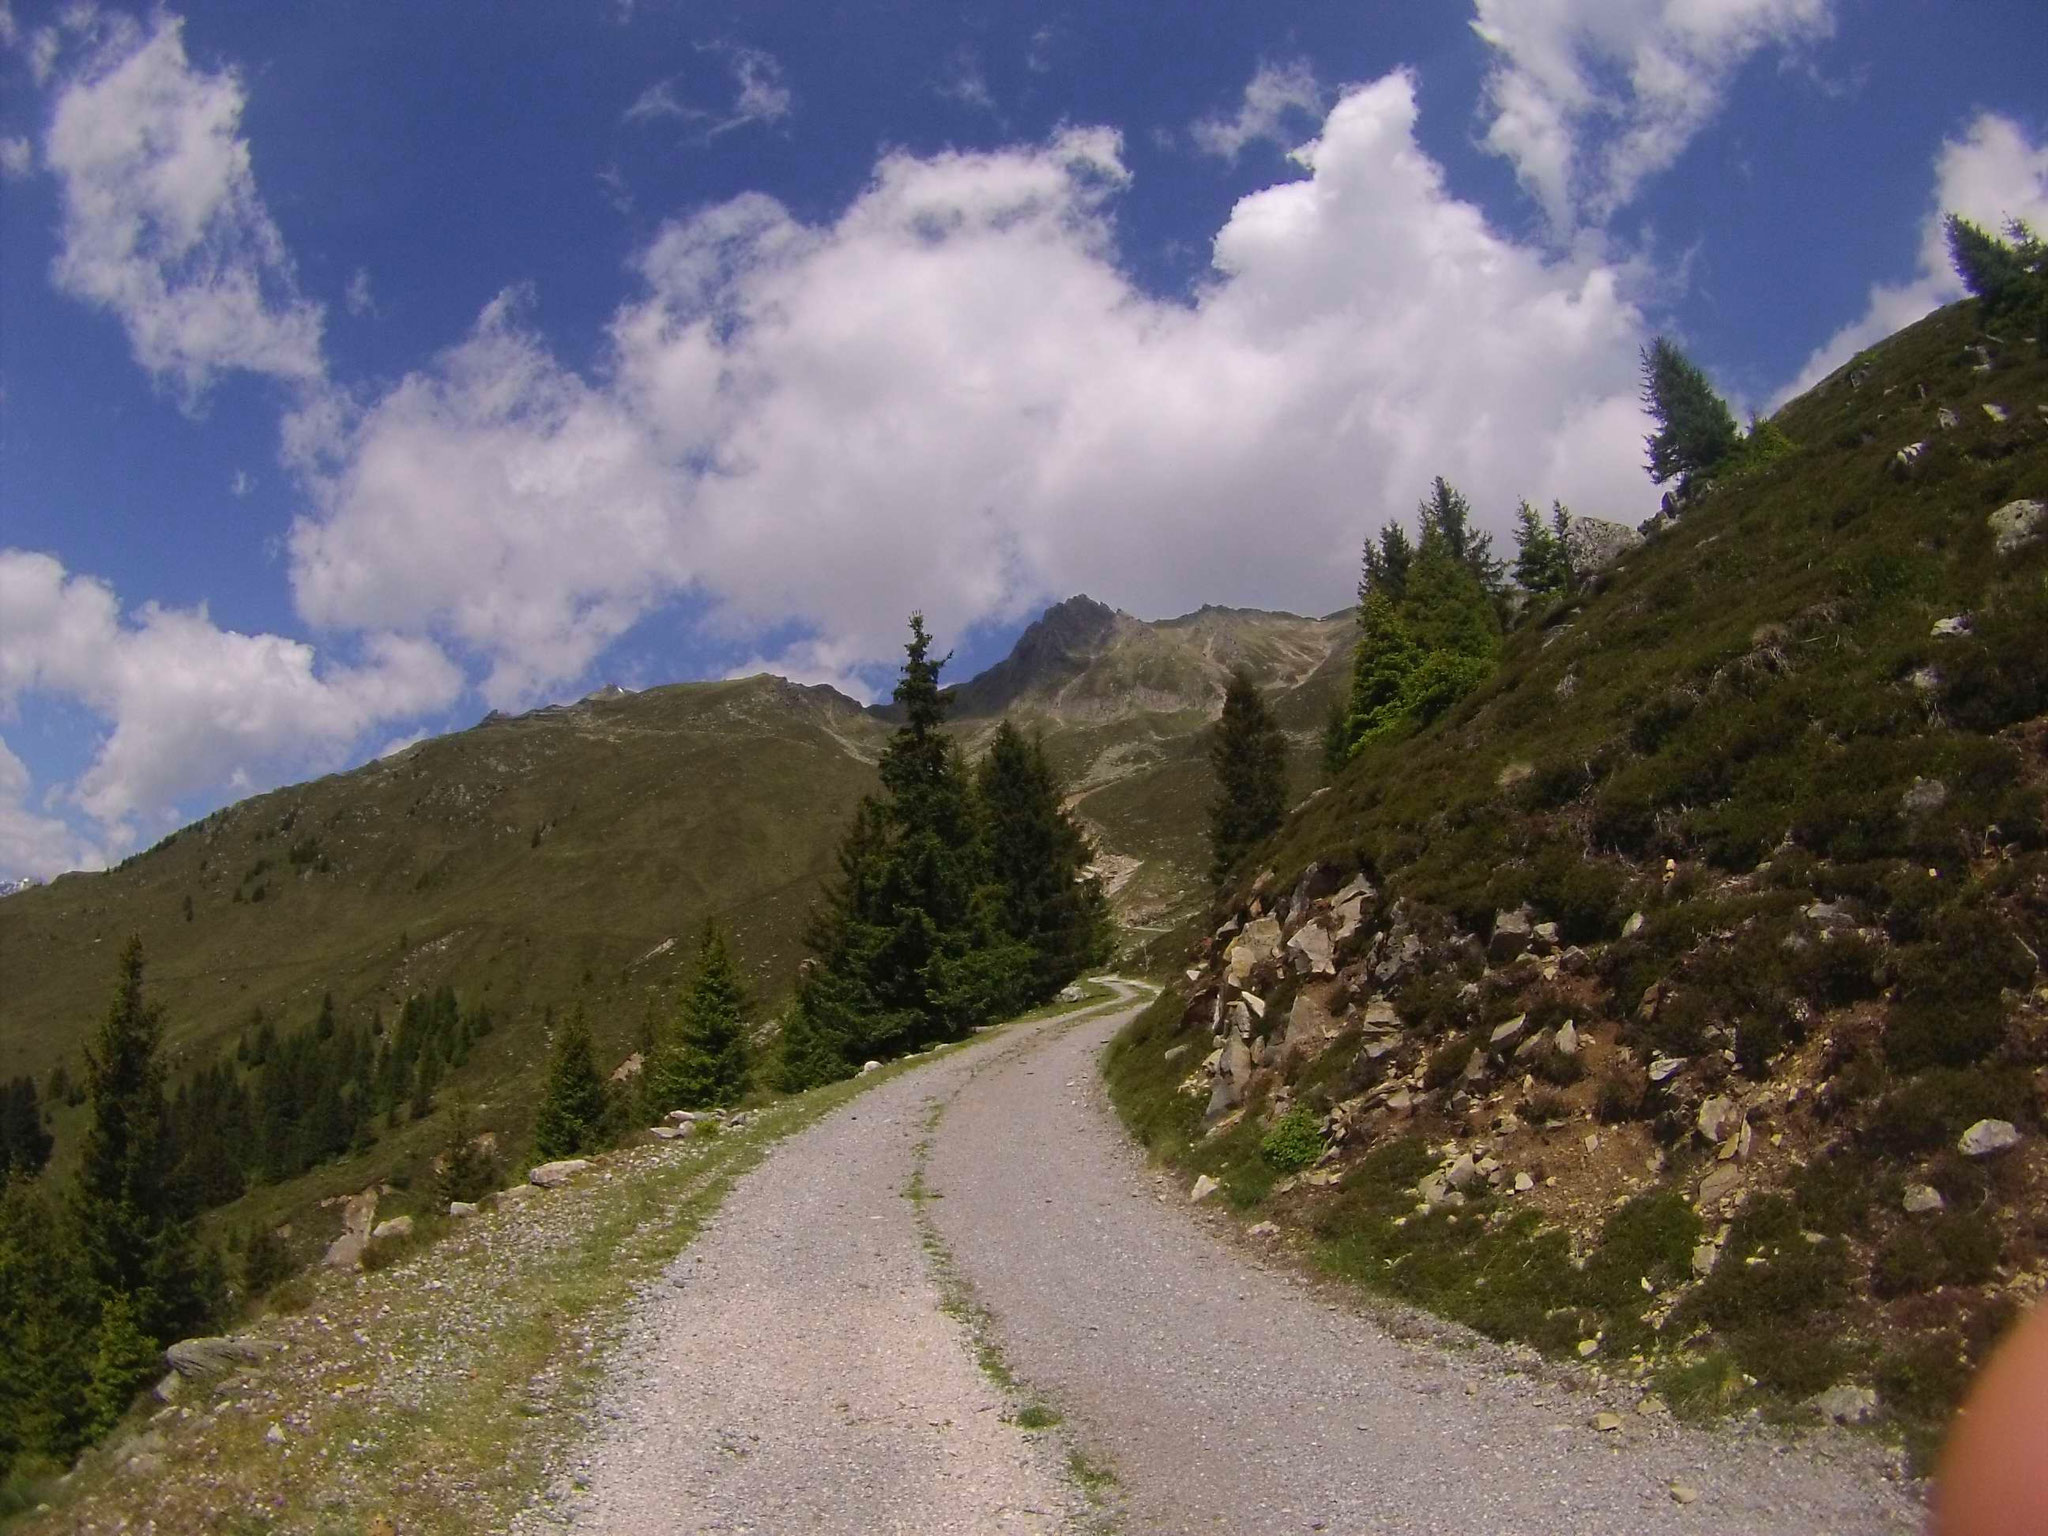 Nach dem Alblstal geht es flach dahin, ehe der steile Teil der Tour folgt...